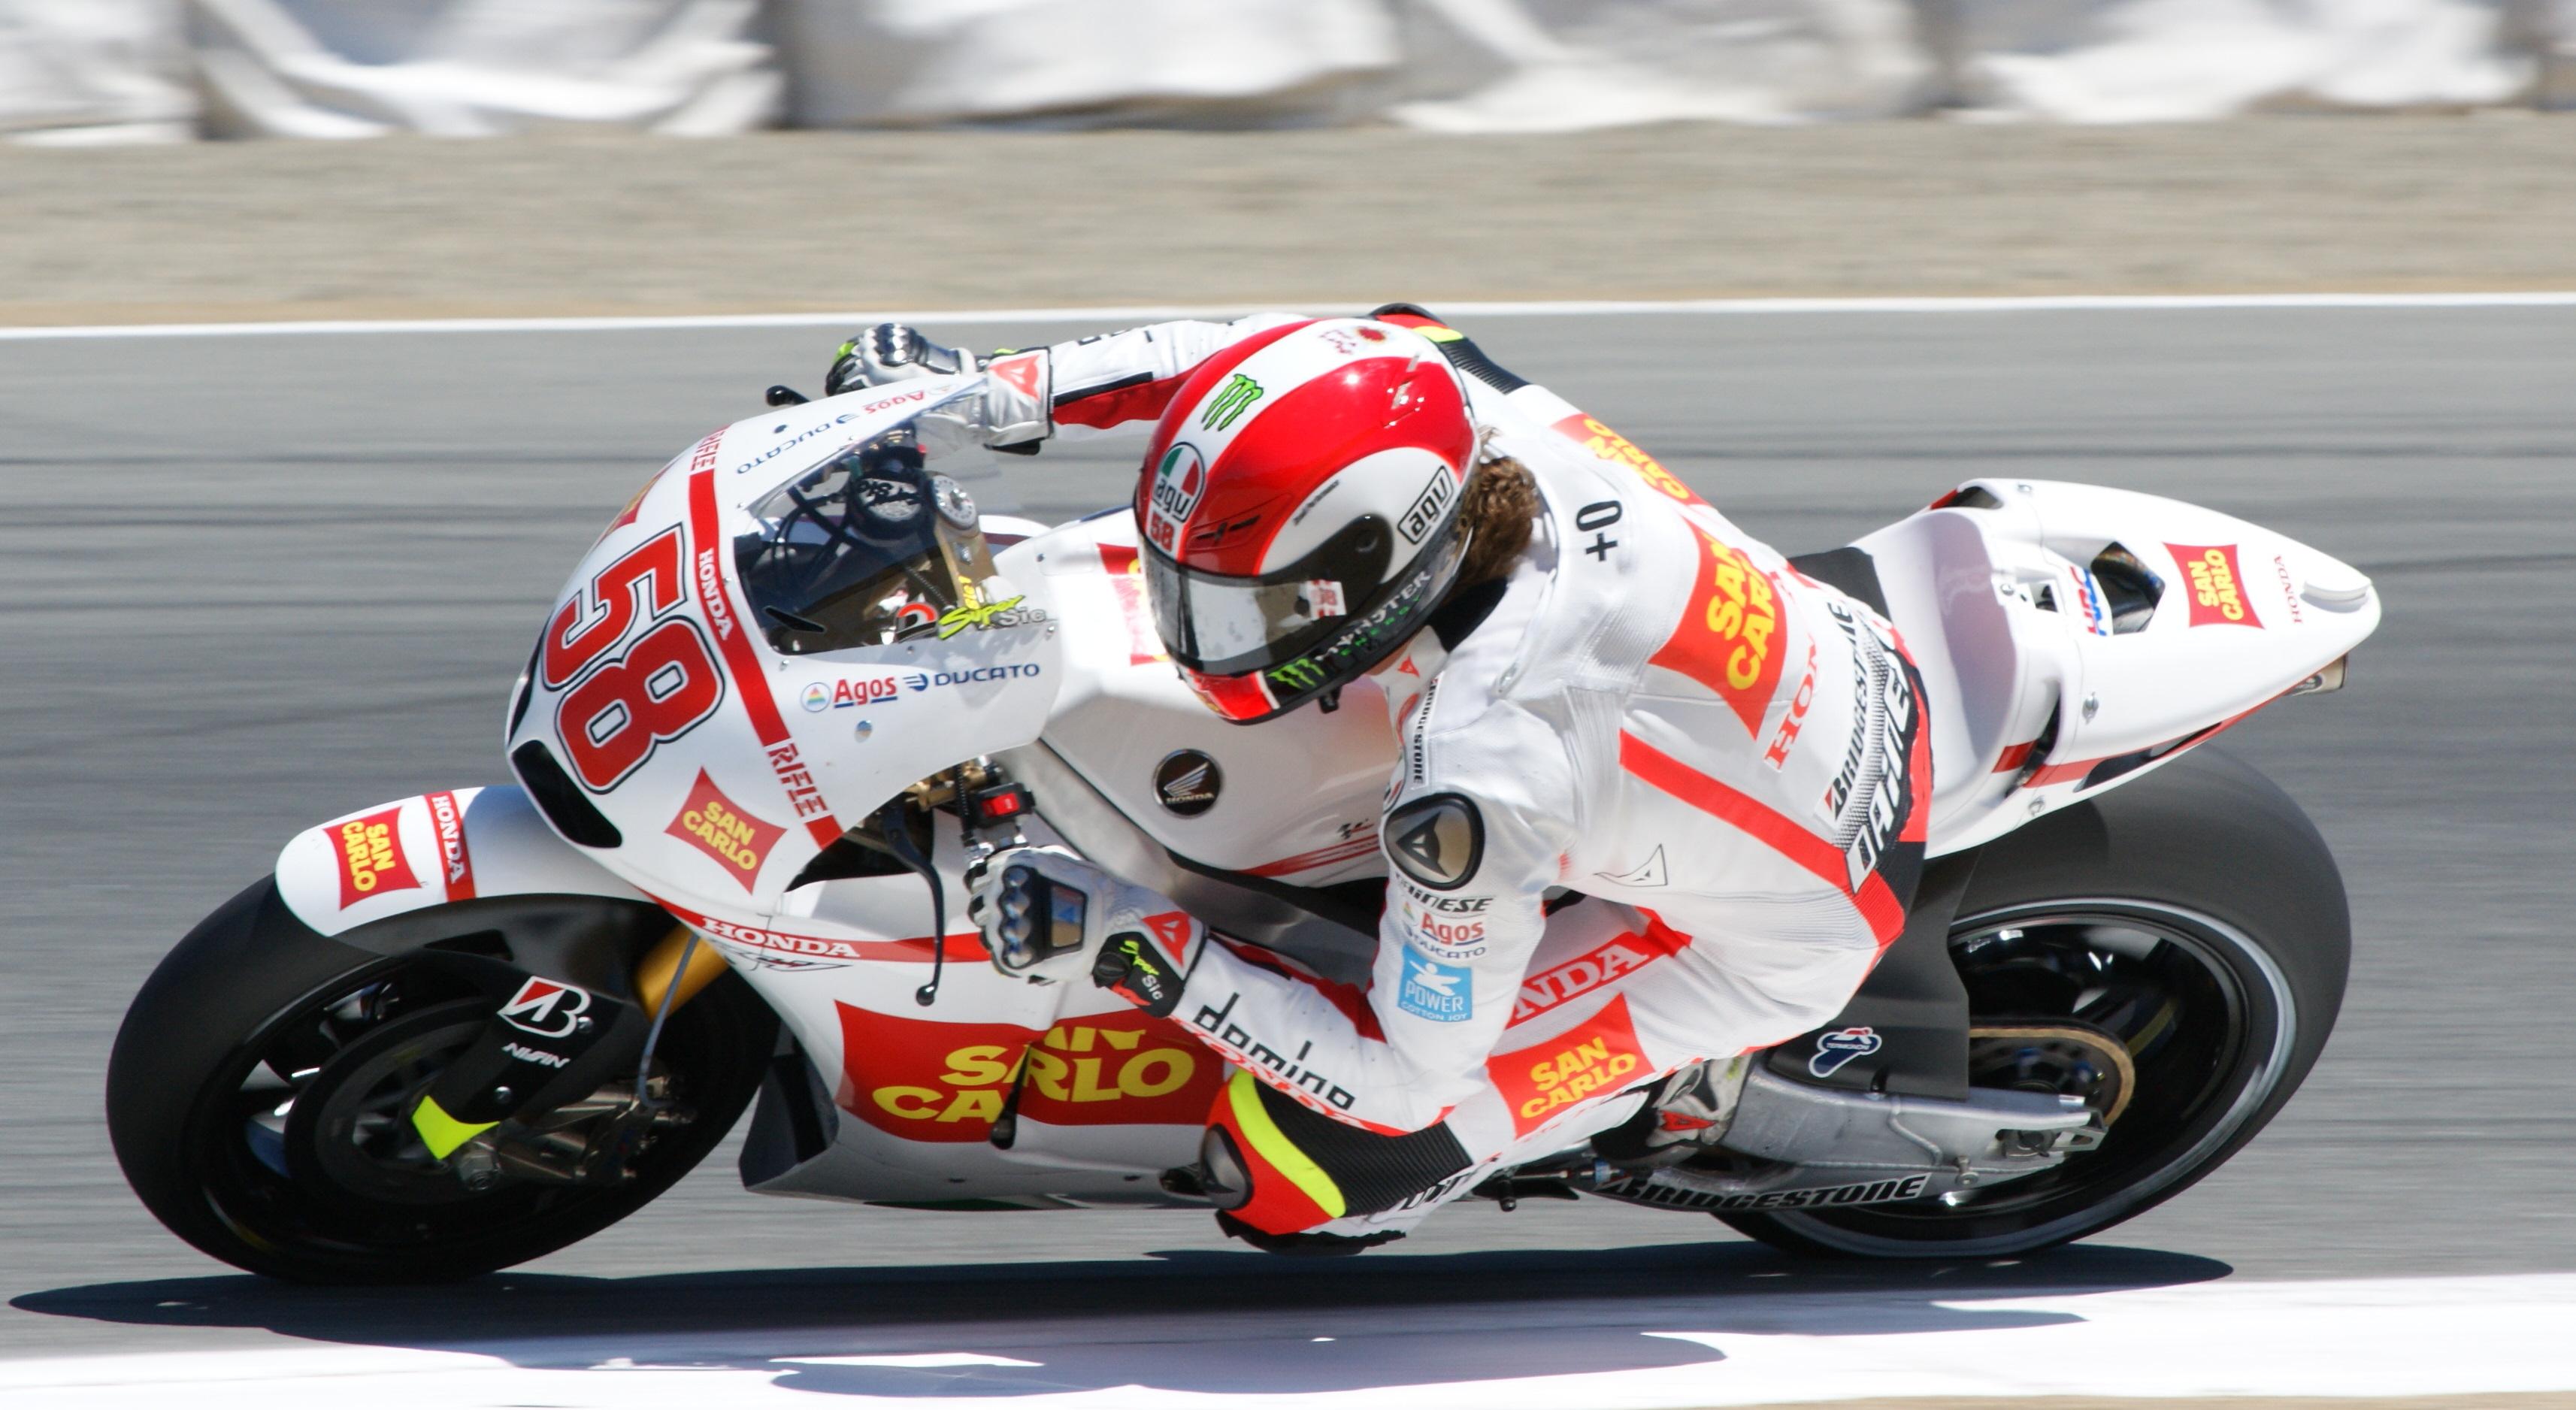 Marco Simoncelli Akan Menjadi Legenda MotoGP ke-21 | https://dhukha99.wordpress.com